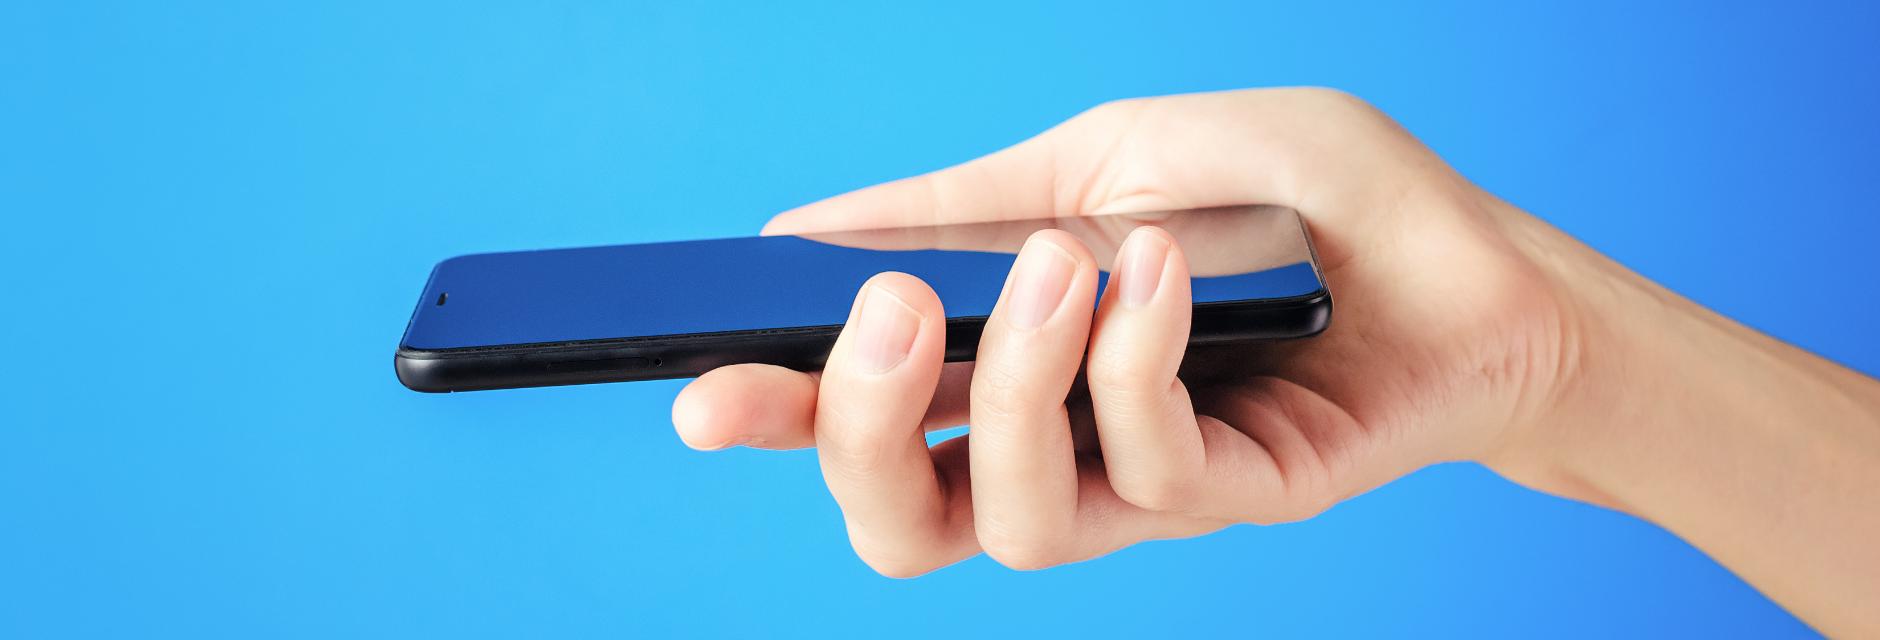 Smartphone um versteckte Kamera zu finden